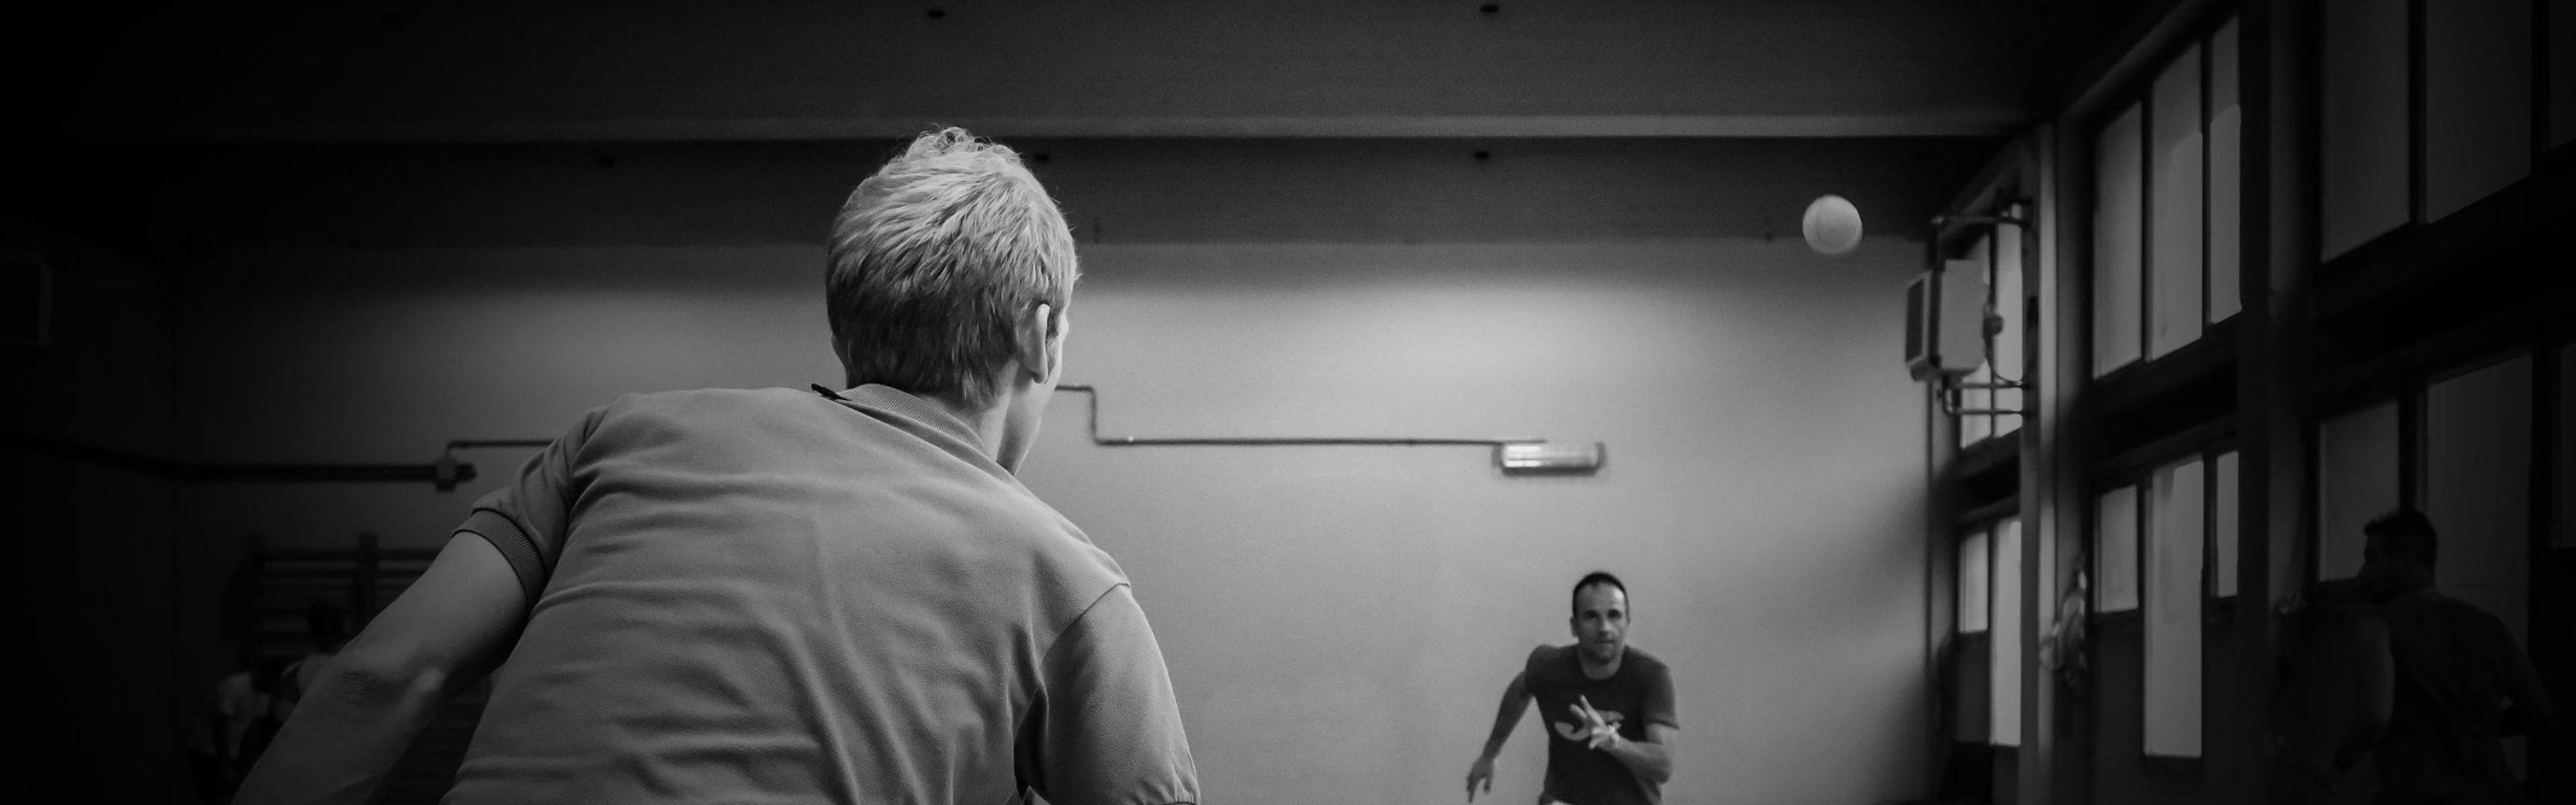 Lorenzo Falco trainer - Contattami